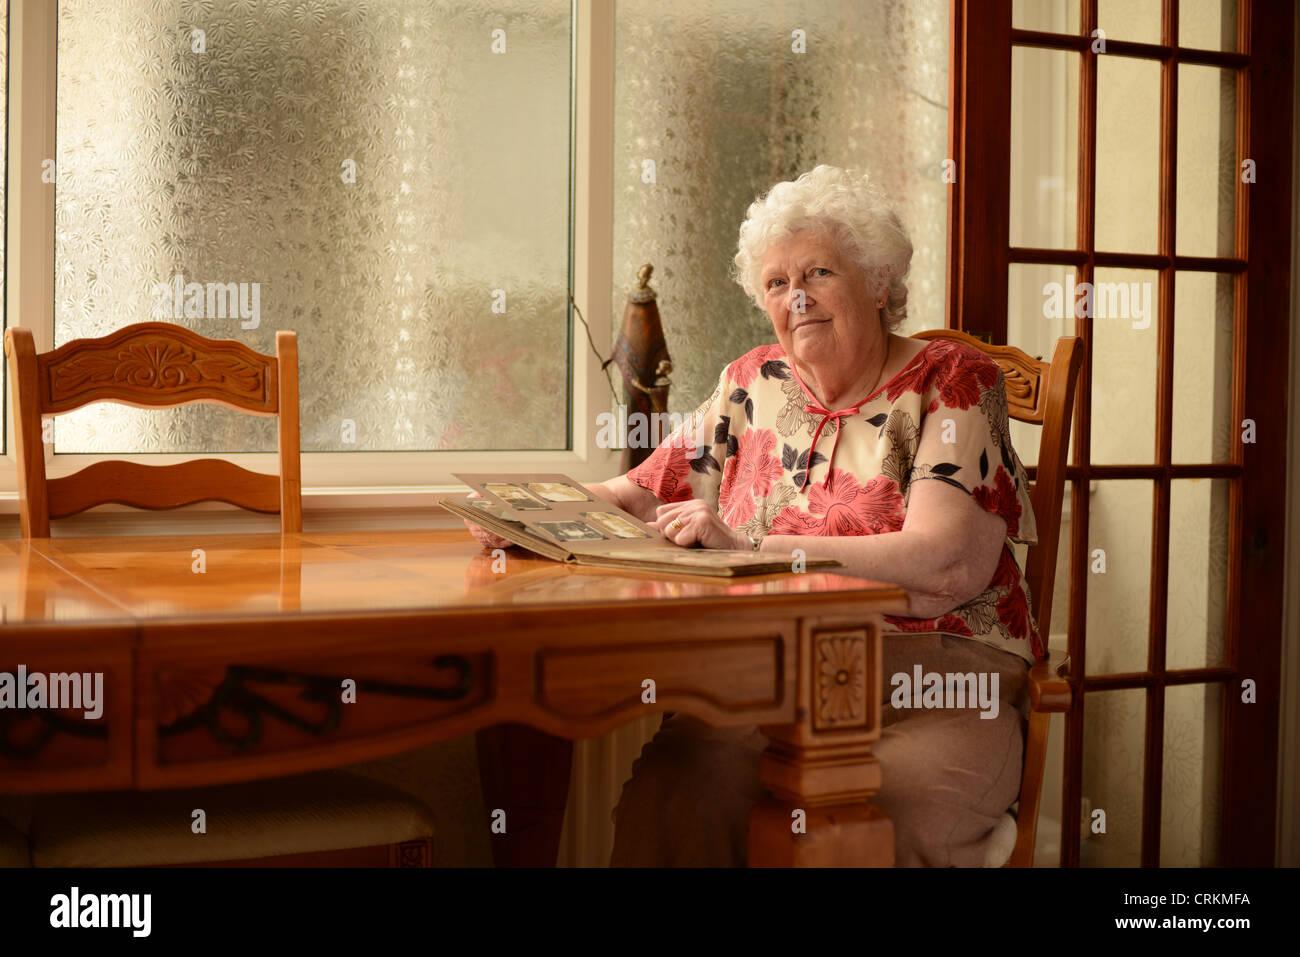 Eine ältere Dame, die Fotos in einem Album betrachten saß am Tisch Stockbild